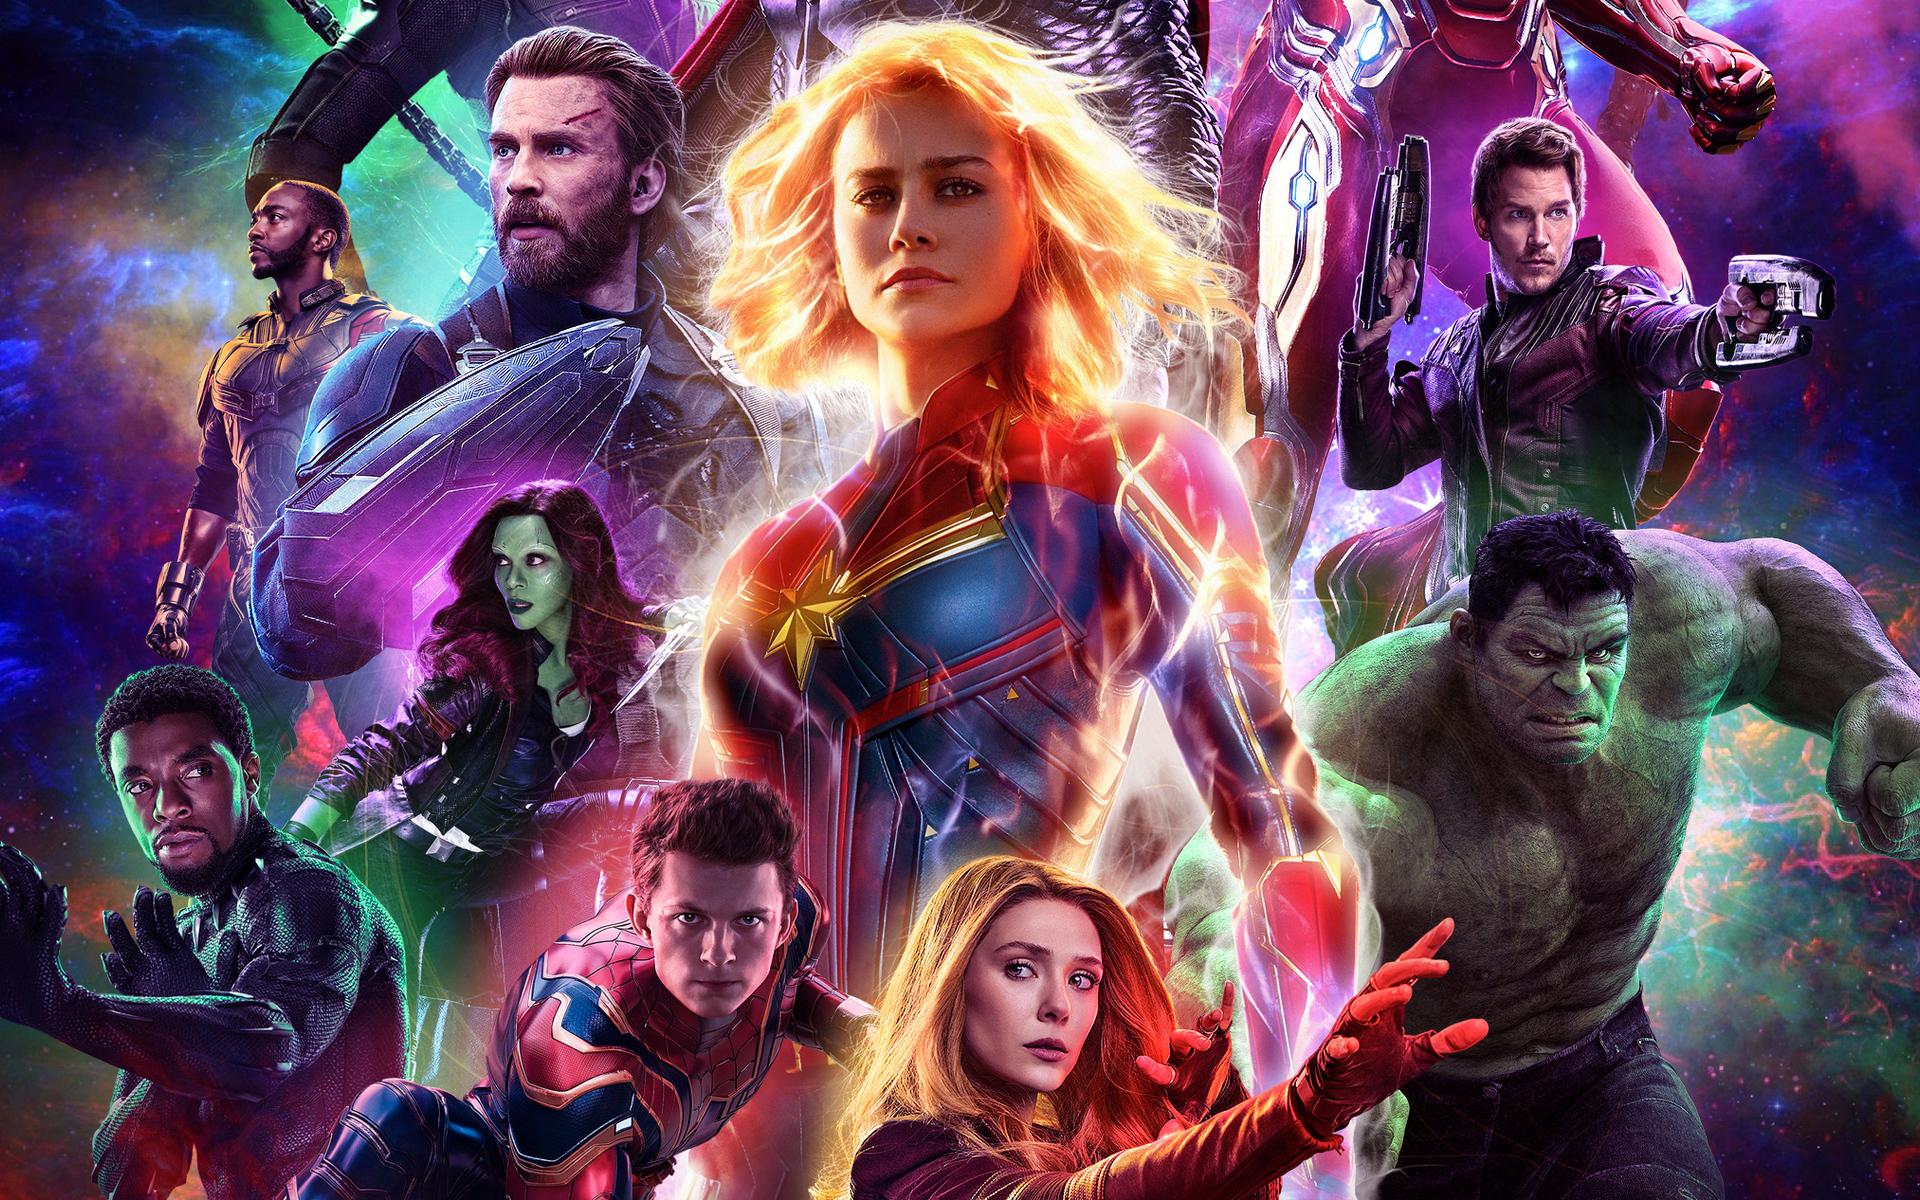 1920x1200 Avengers Endgame 2019 1080P Resolution HD 4k ...